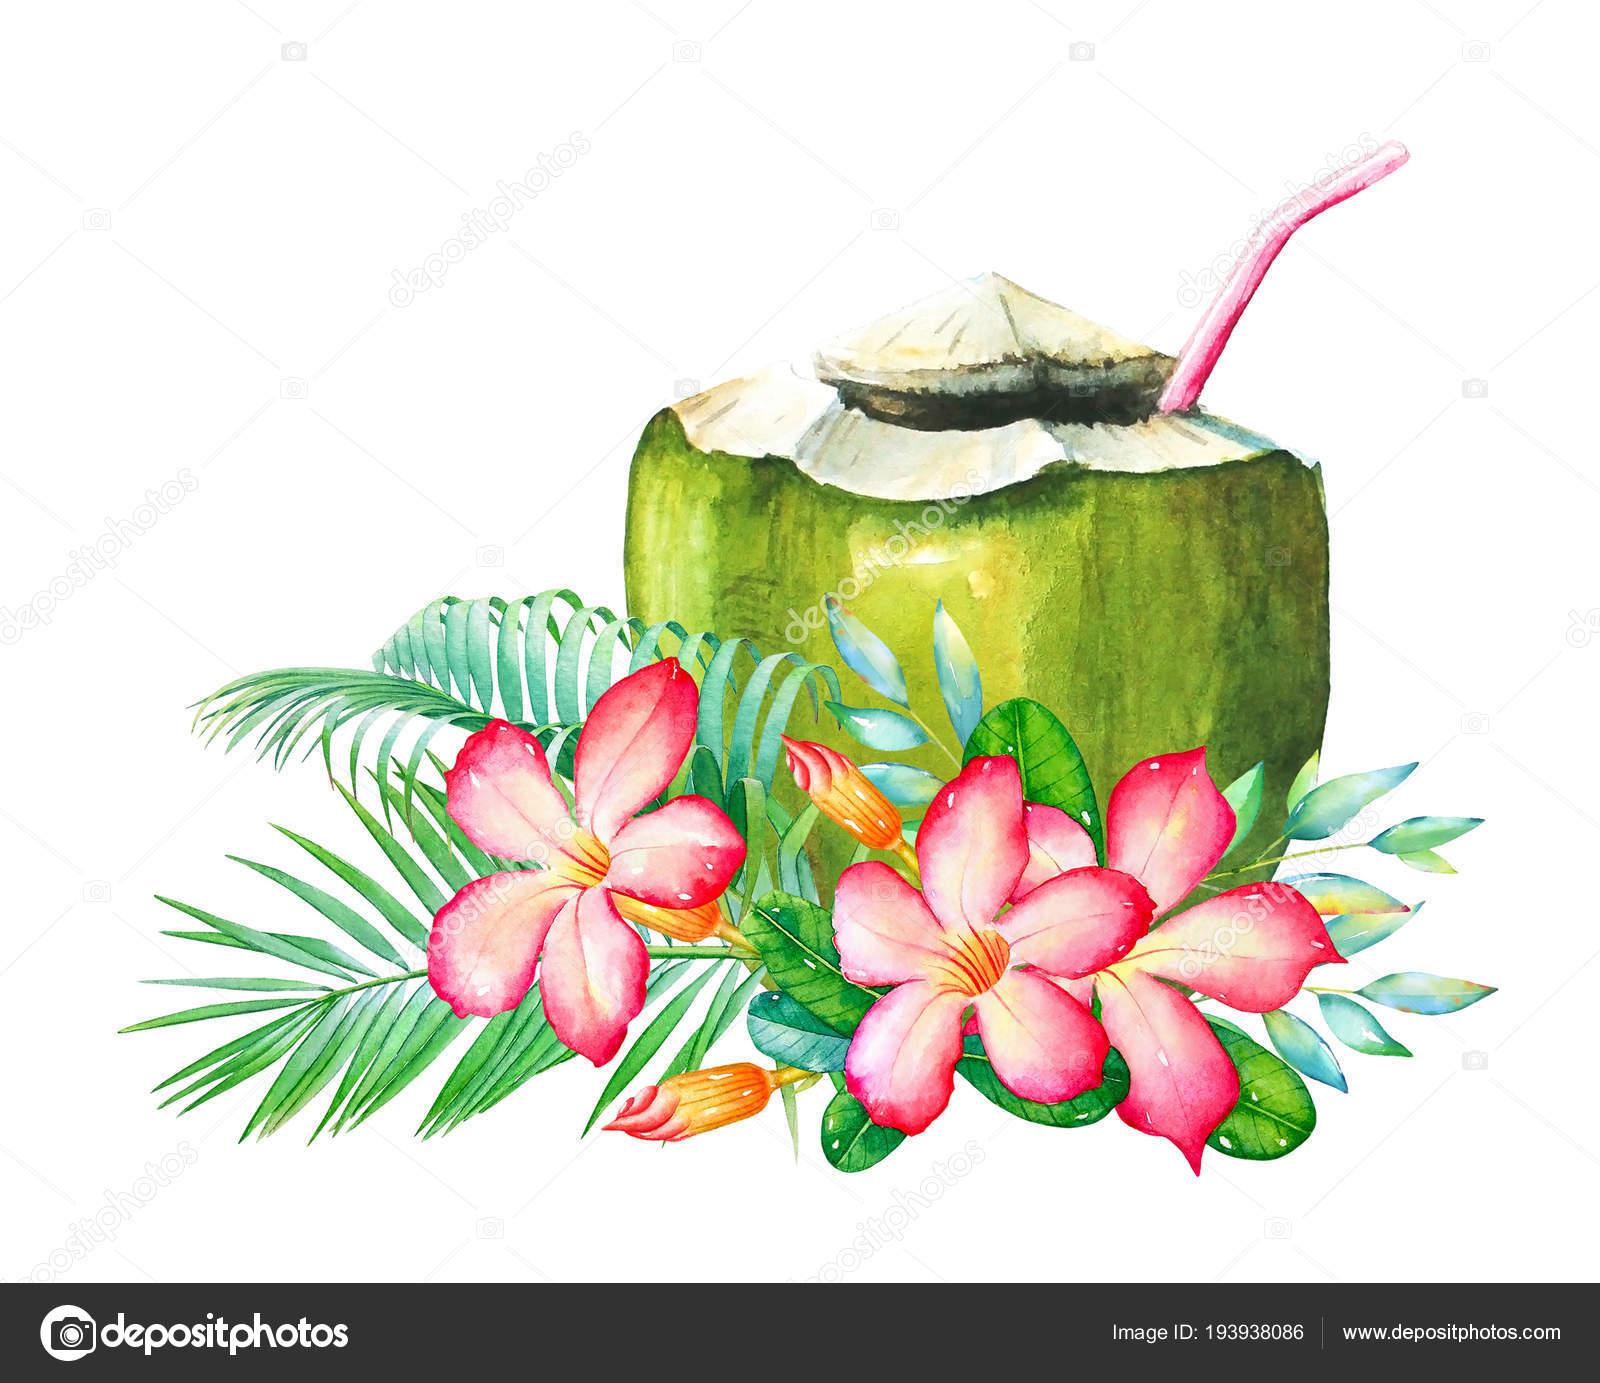 Acuarela Dibujo Las Flores Tropicales Hojas Coctel Coco Aislado